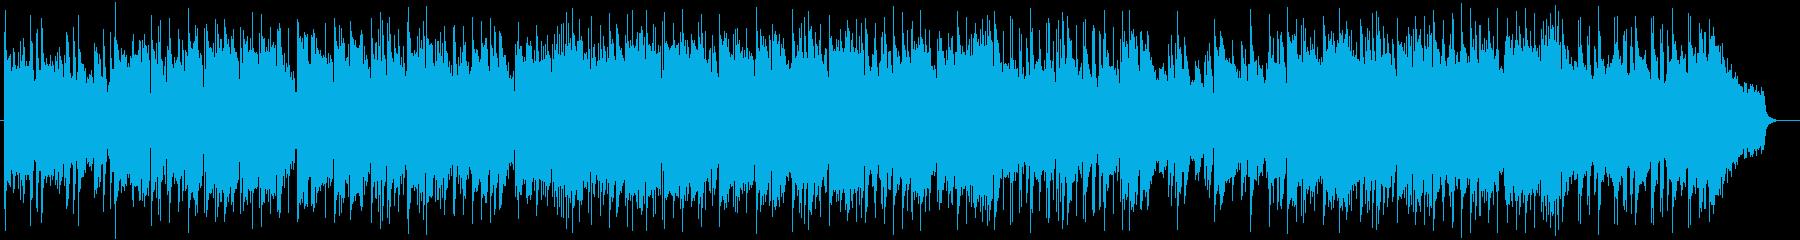 ゆったりと優しい温かみあるピアノバラードの再生済みの波形